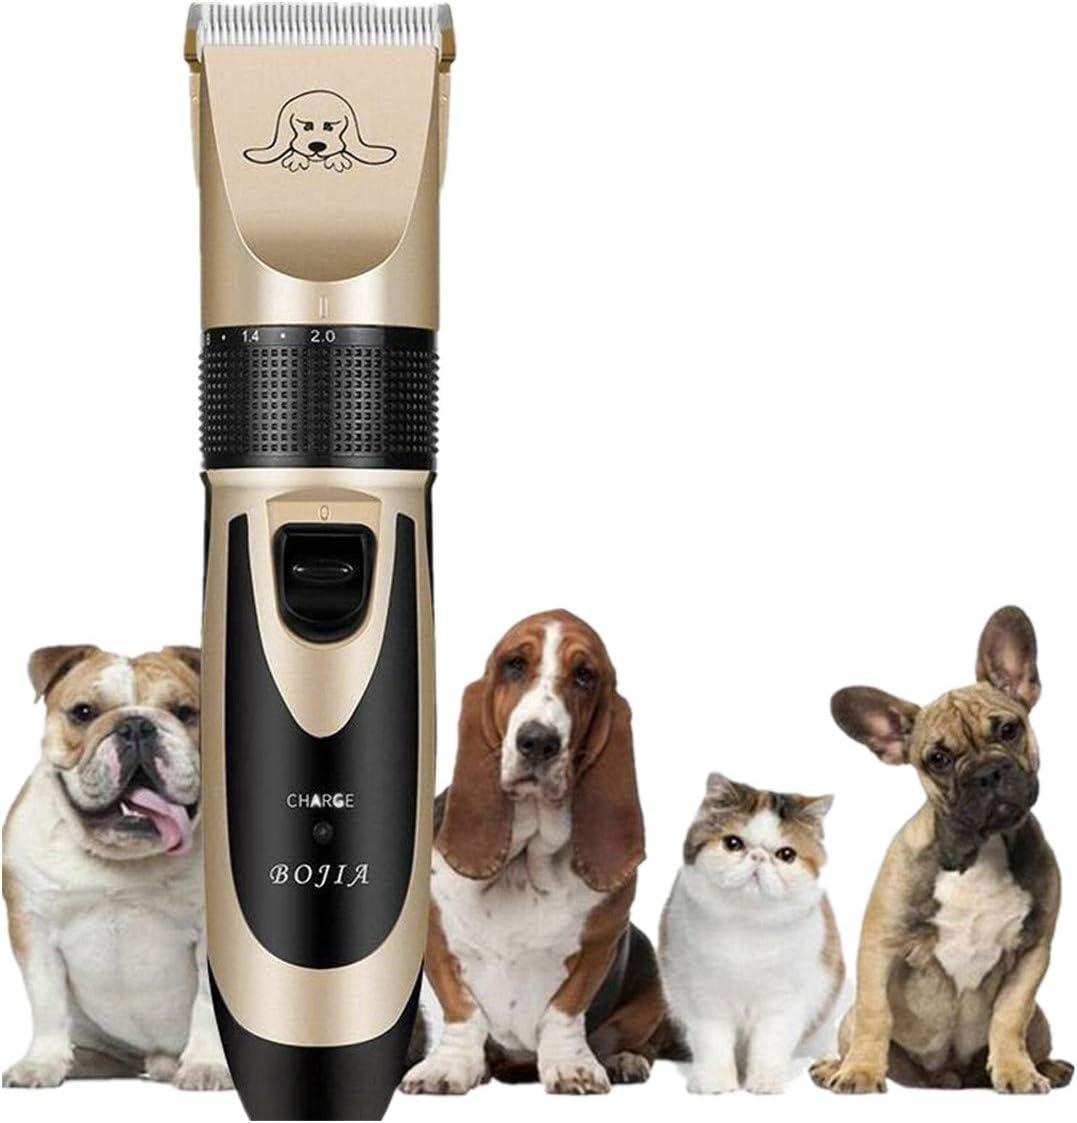 Smniao - Cortapelos para perros, mascotas, perros, gatos, profesionales, silencioso, inalámbrico, para cortar pelo de animales, recargable